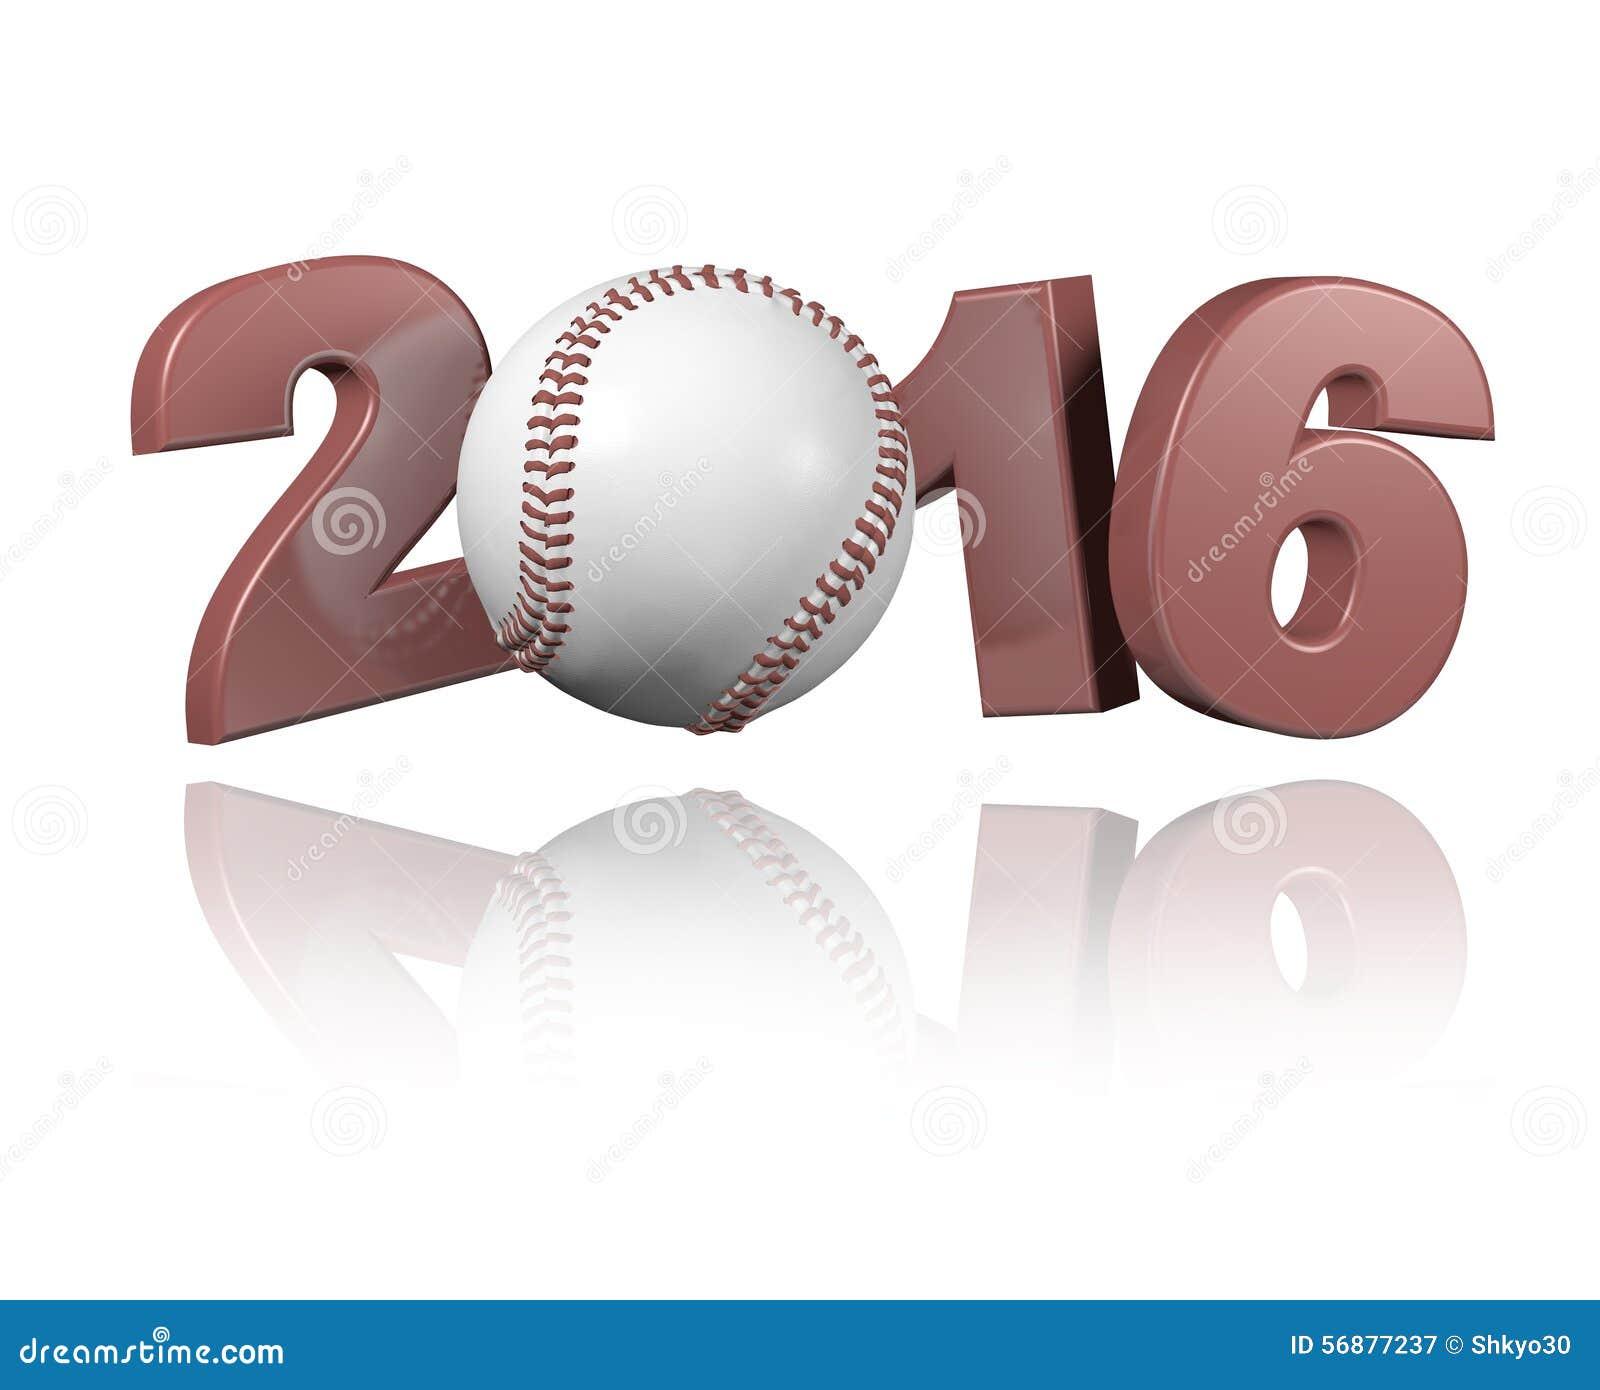 Progettazione di baseball 2016